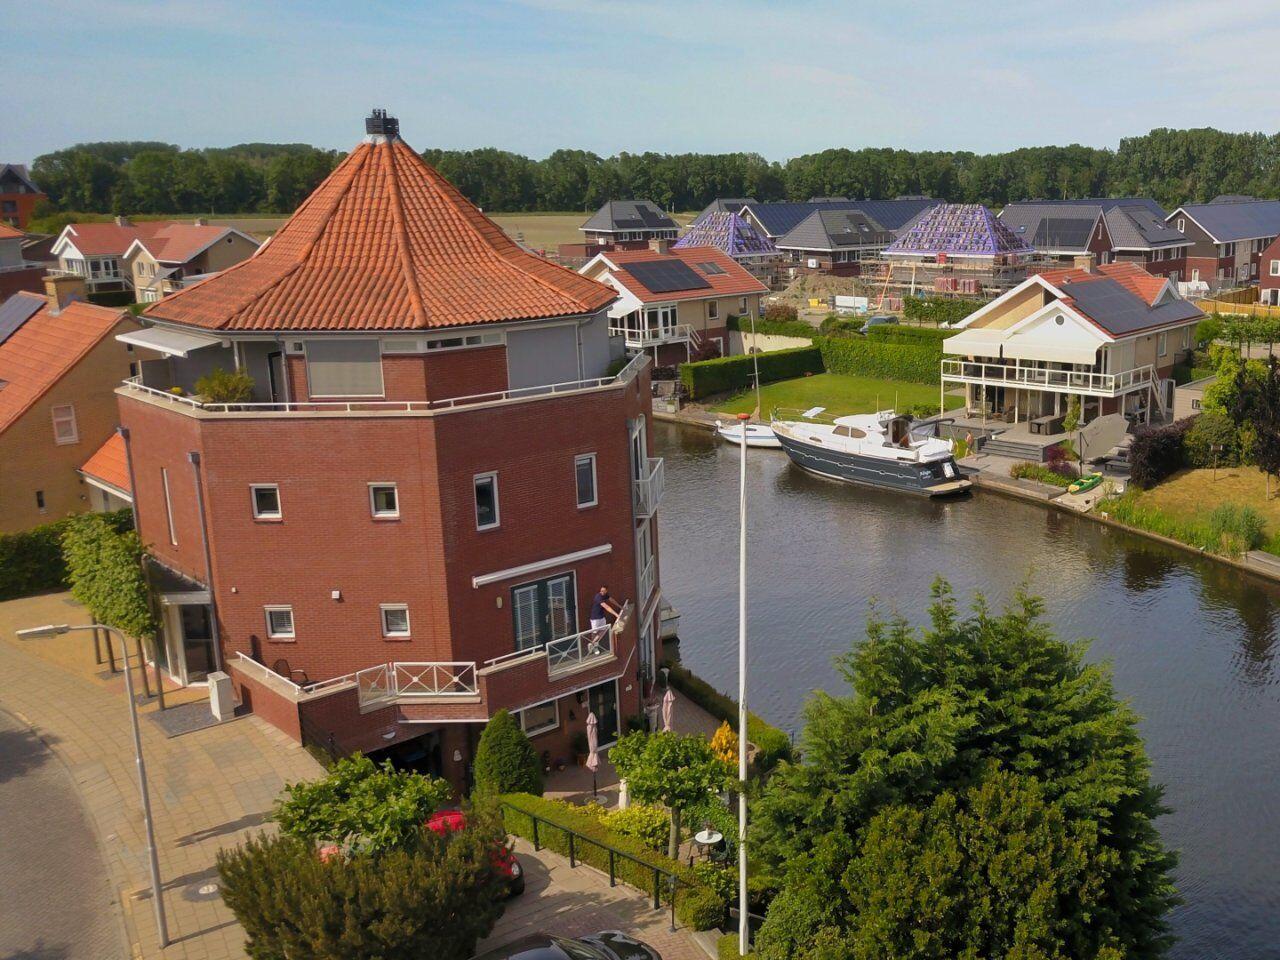 27108-west-havendijk_72-steenbergen-2934669152